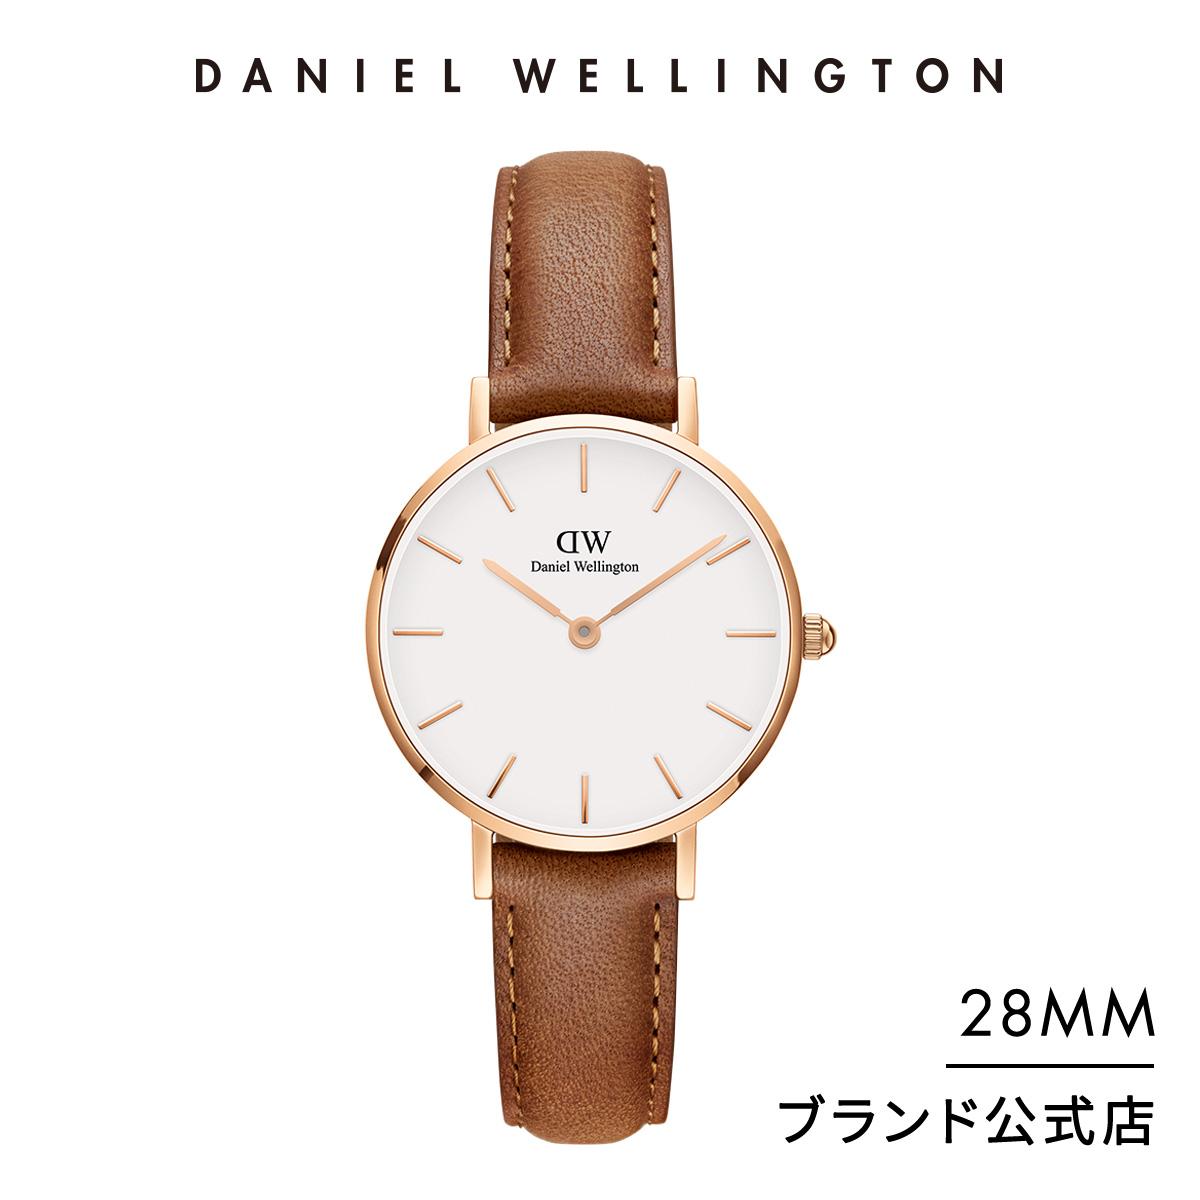 【公式2年保証/送料無料】ダニエルウェリントン公式 レディース 腕時計 Petite Durham 28mm 革 ベルト クラシック ぺティート ダラム DW プレゼント おしゃれ インスタ映え ブランド 彼女 彼氏 ペアスタイルに最適 ウ…